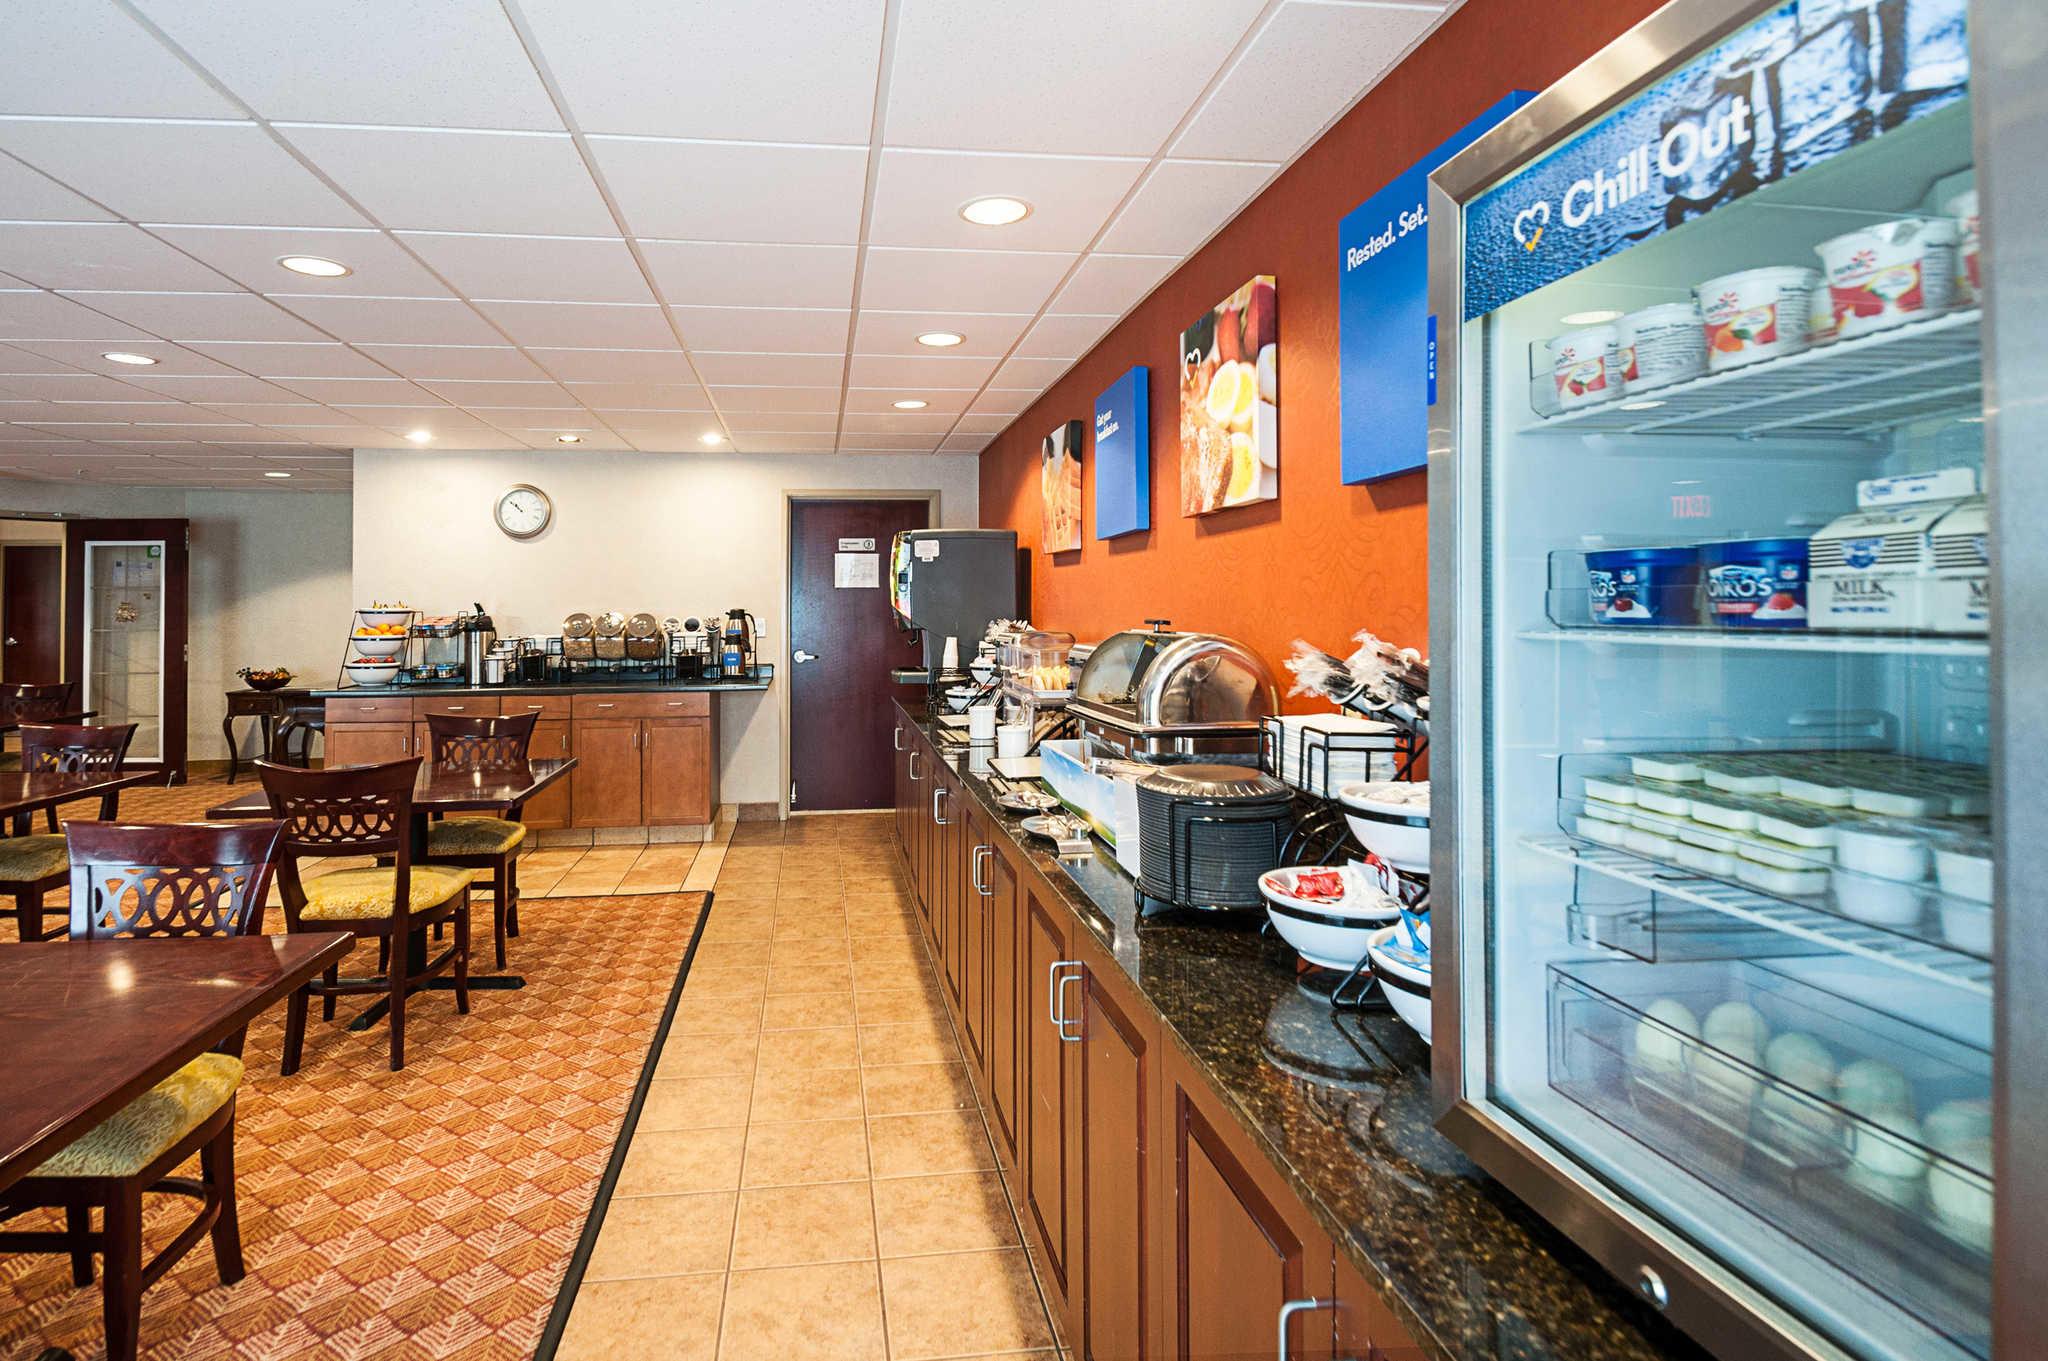 Comfort Inn & Suites Cambridge image 25